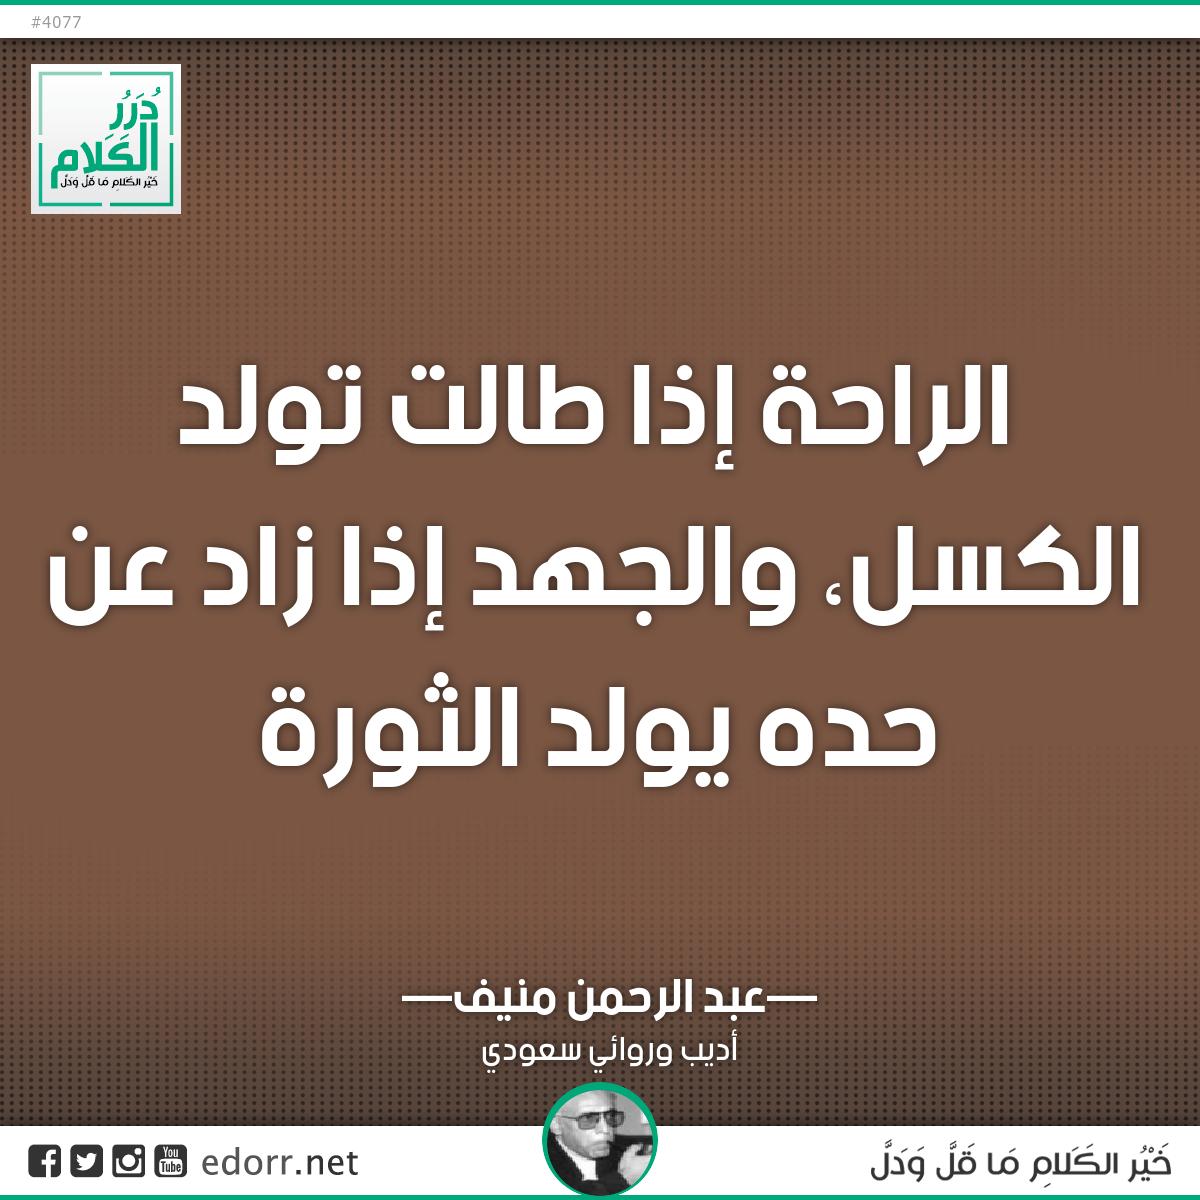 الراحة إذا طالت تولد الكسل، والجهد إذا زاد عن حده يولد الثورة.